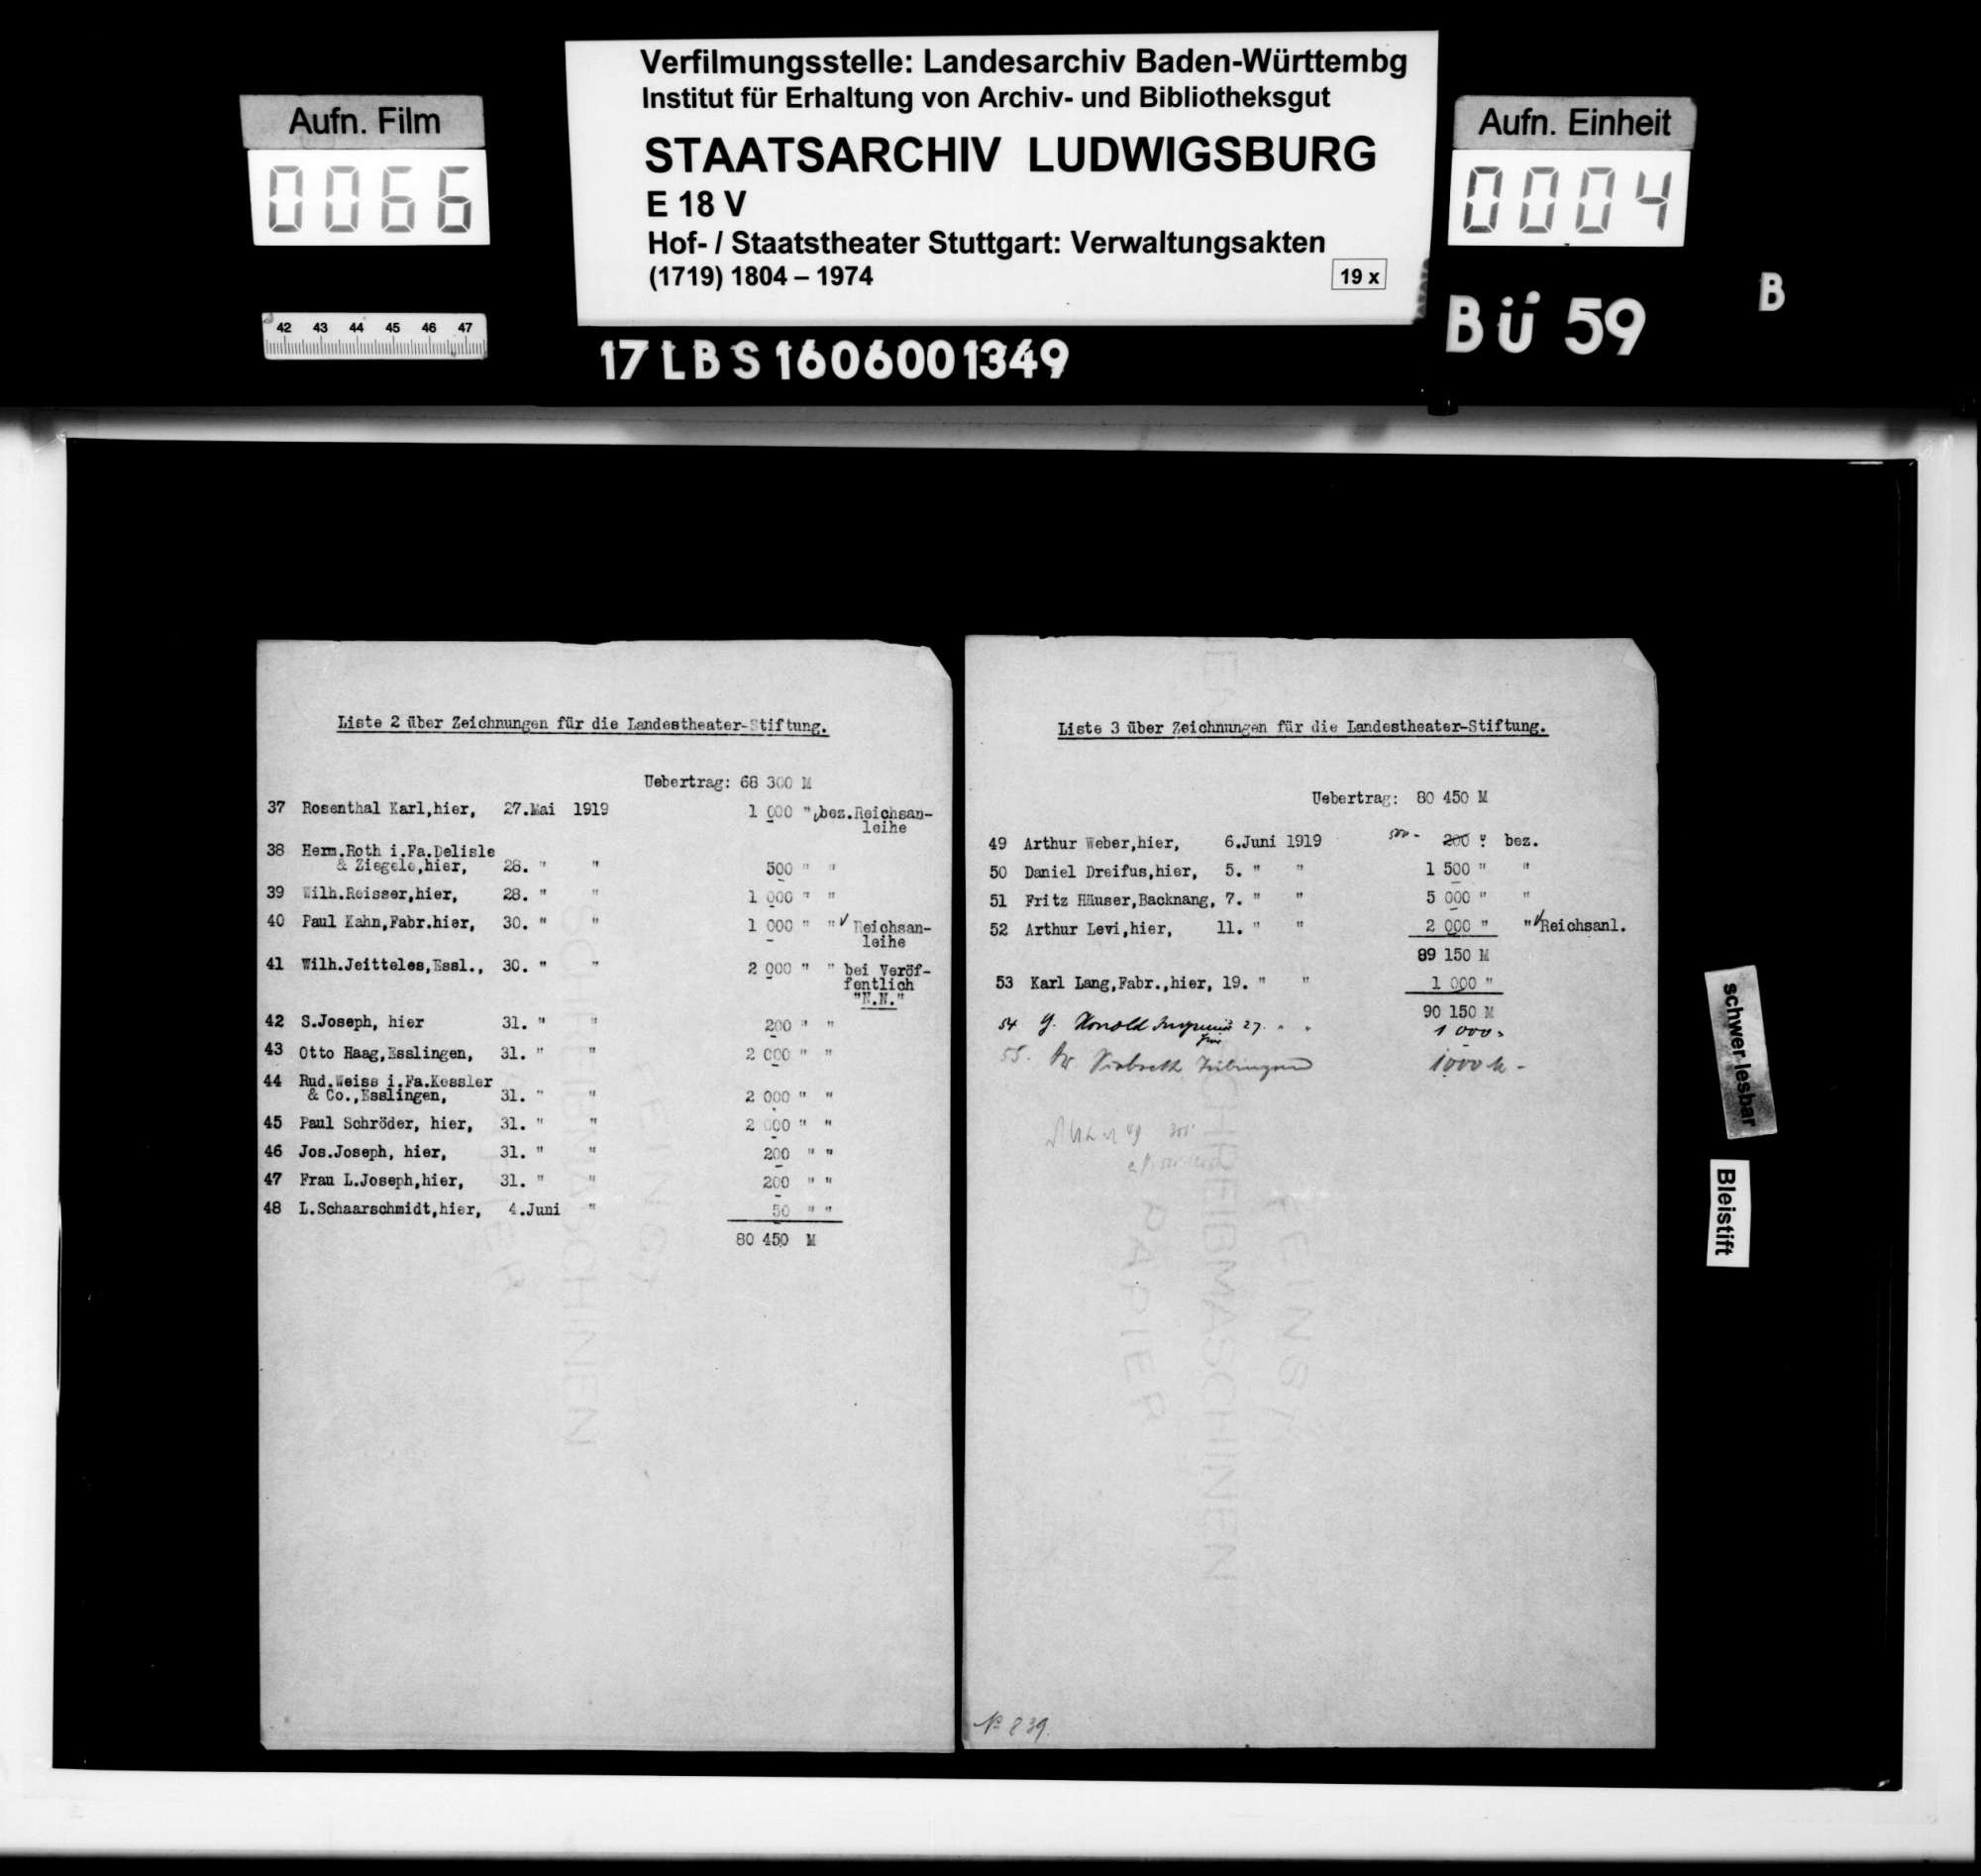 Überweisungen (Zeichnungen) von Geldbeträgen für den Grundstock der Landestheaterstiftung, Bild 2